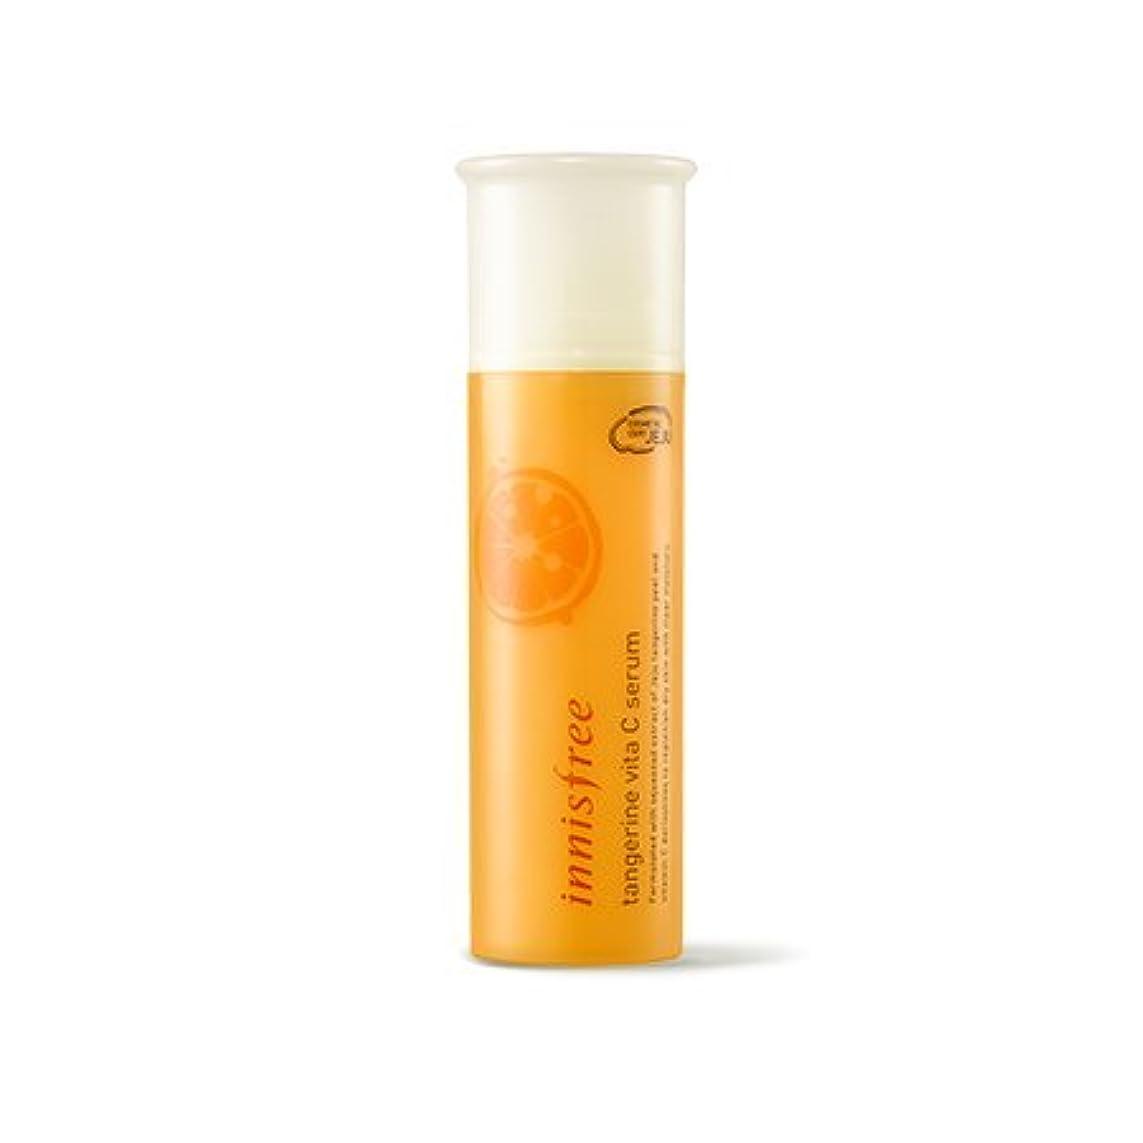 団結する書く拘束[New] innisfree Tangerine Vita C Serum 50ml/イニスフリー タンジェリン ビタ C セラム 50ml [並行輸入品]